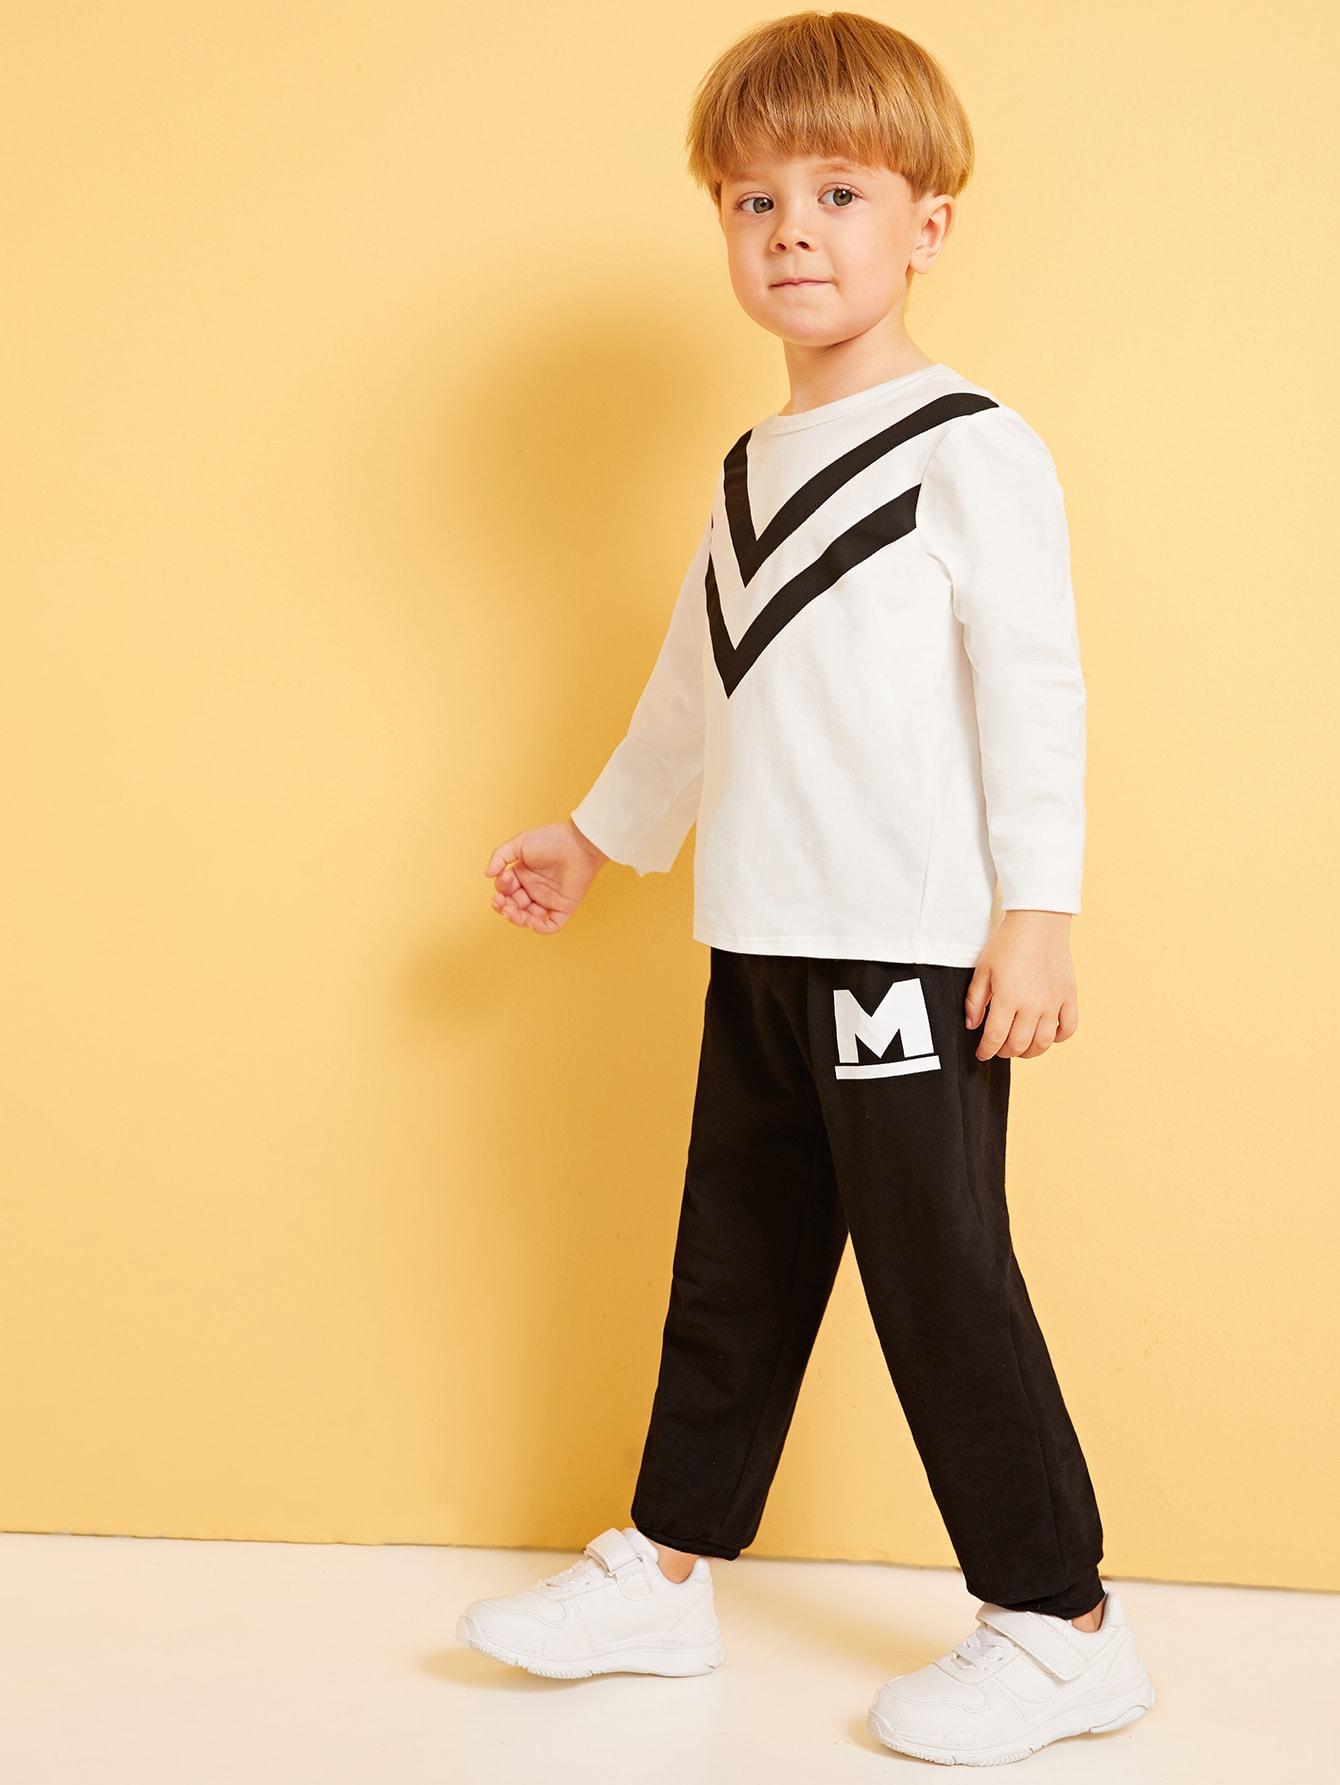 Фото - Футболку и брюки с текстовым принтом для мальчиков от SheIn цвет чёрнобелые